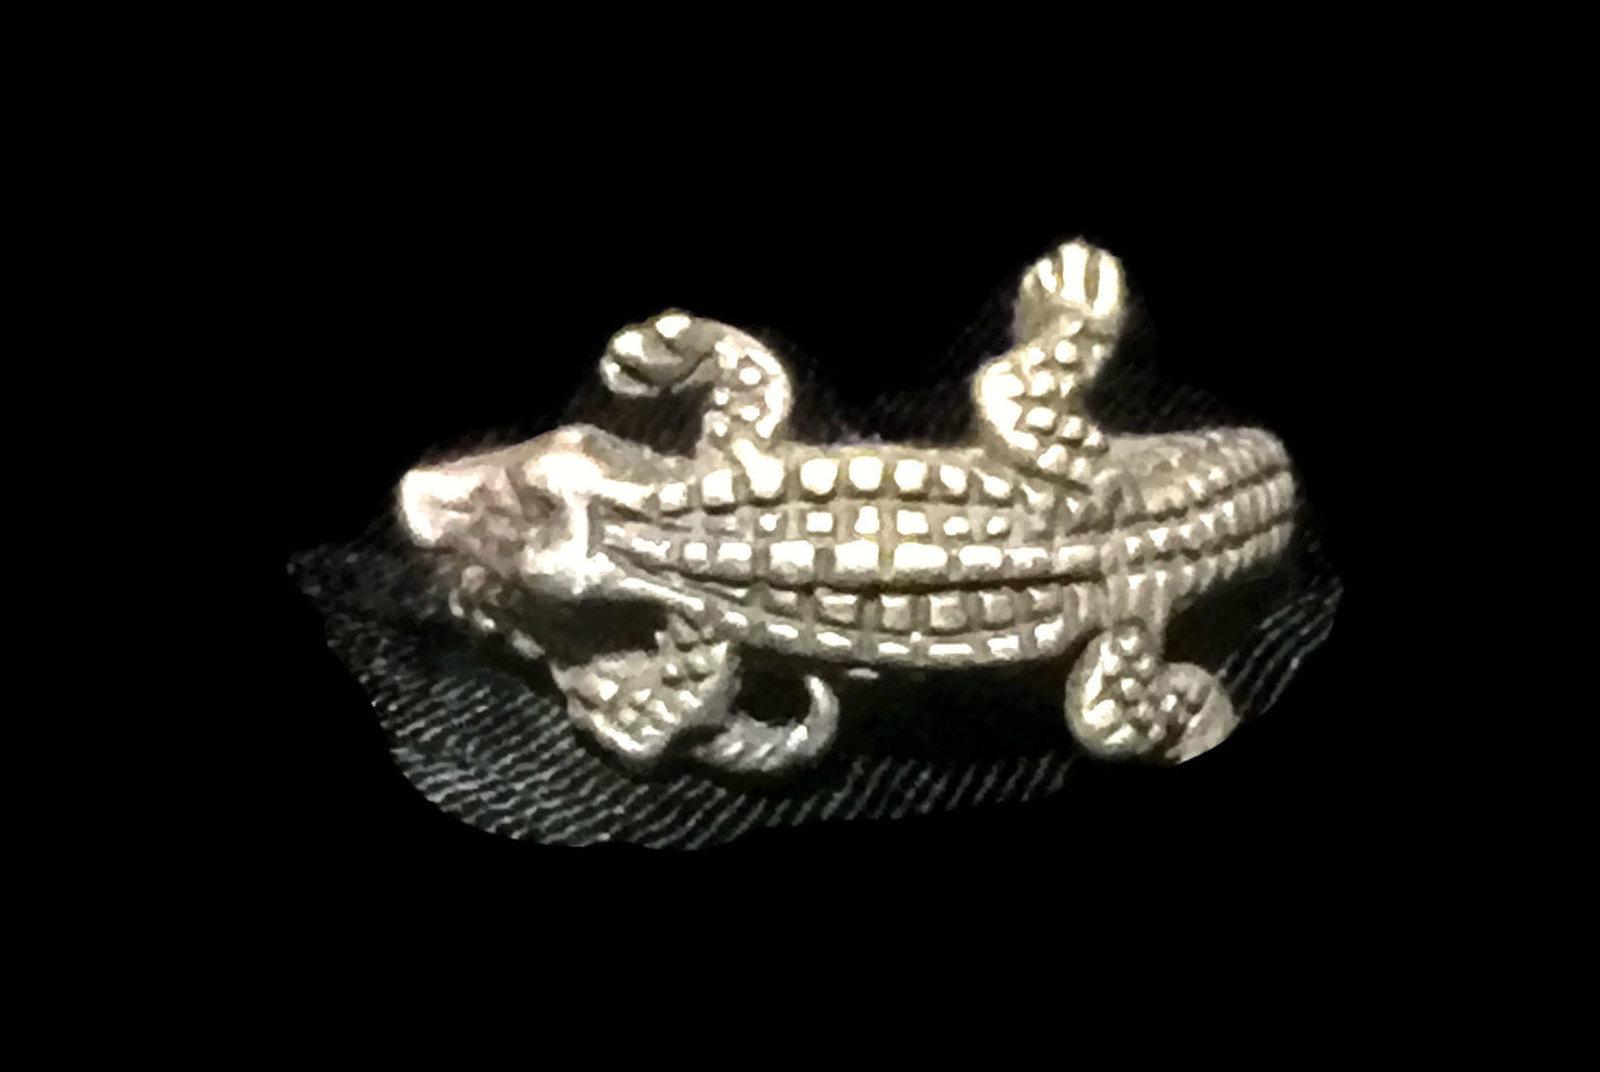 Vintage Alligator Crocodile Sterling Silver Ring Size 5 Handmade